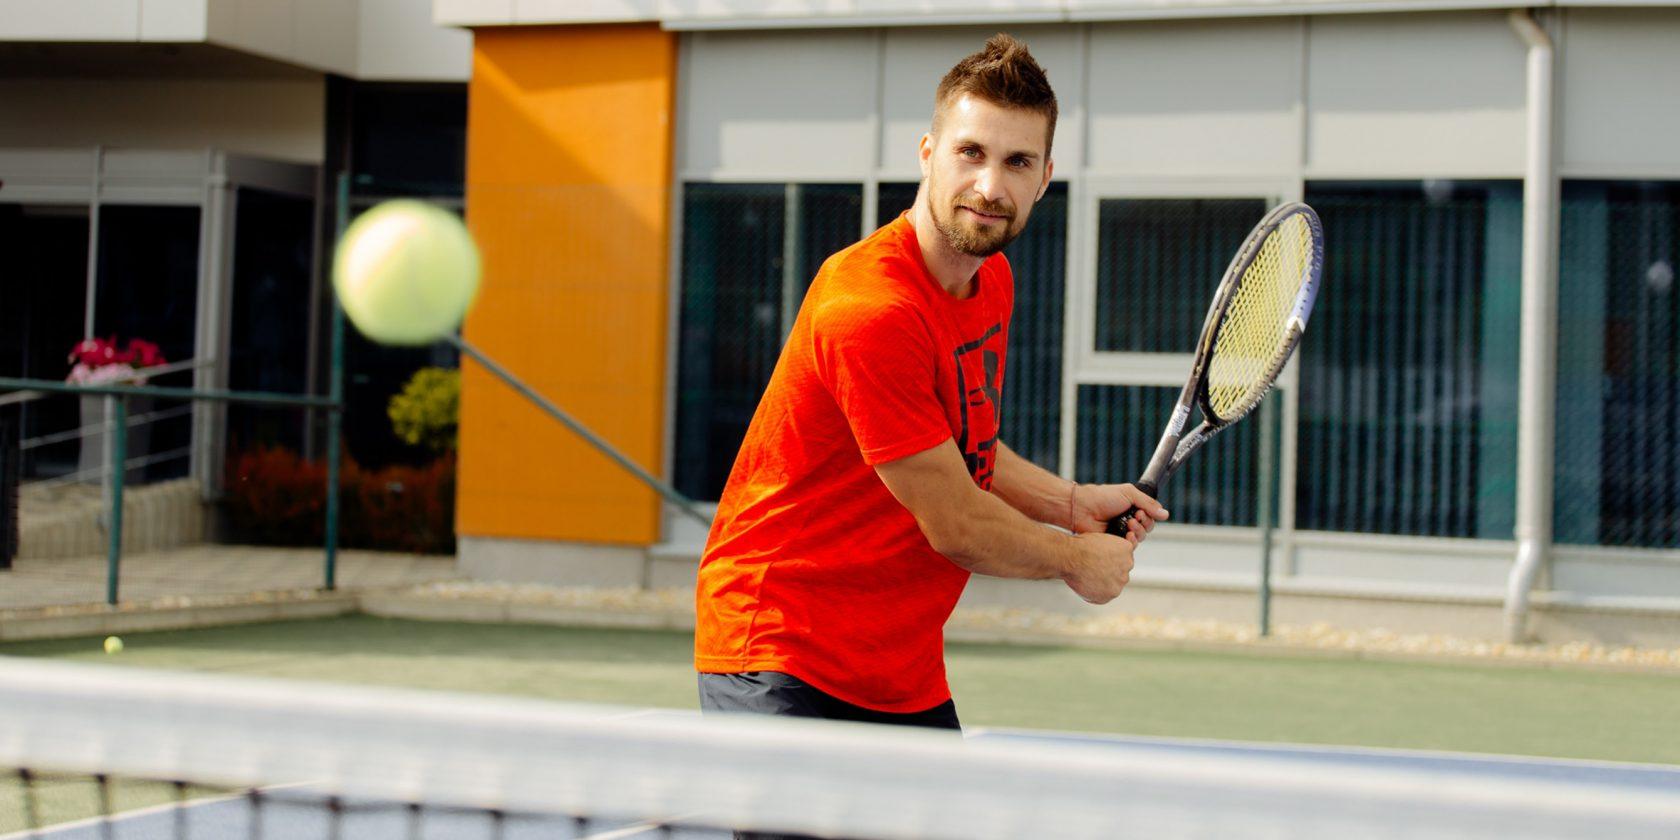 pobyt OBR_AKTÍVNY ŠPORTOVÝ_hotel_tenis_zvolen 2020